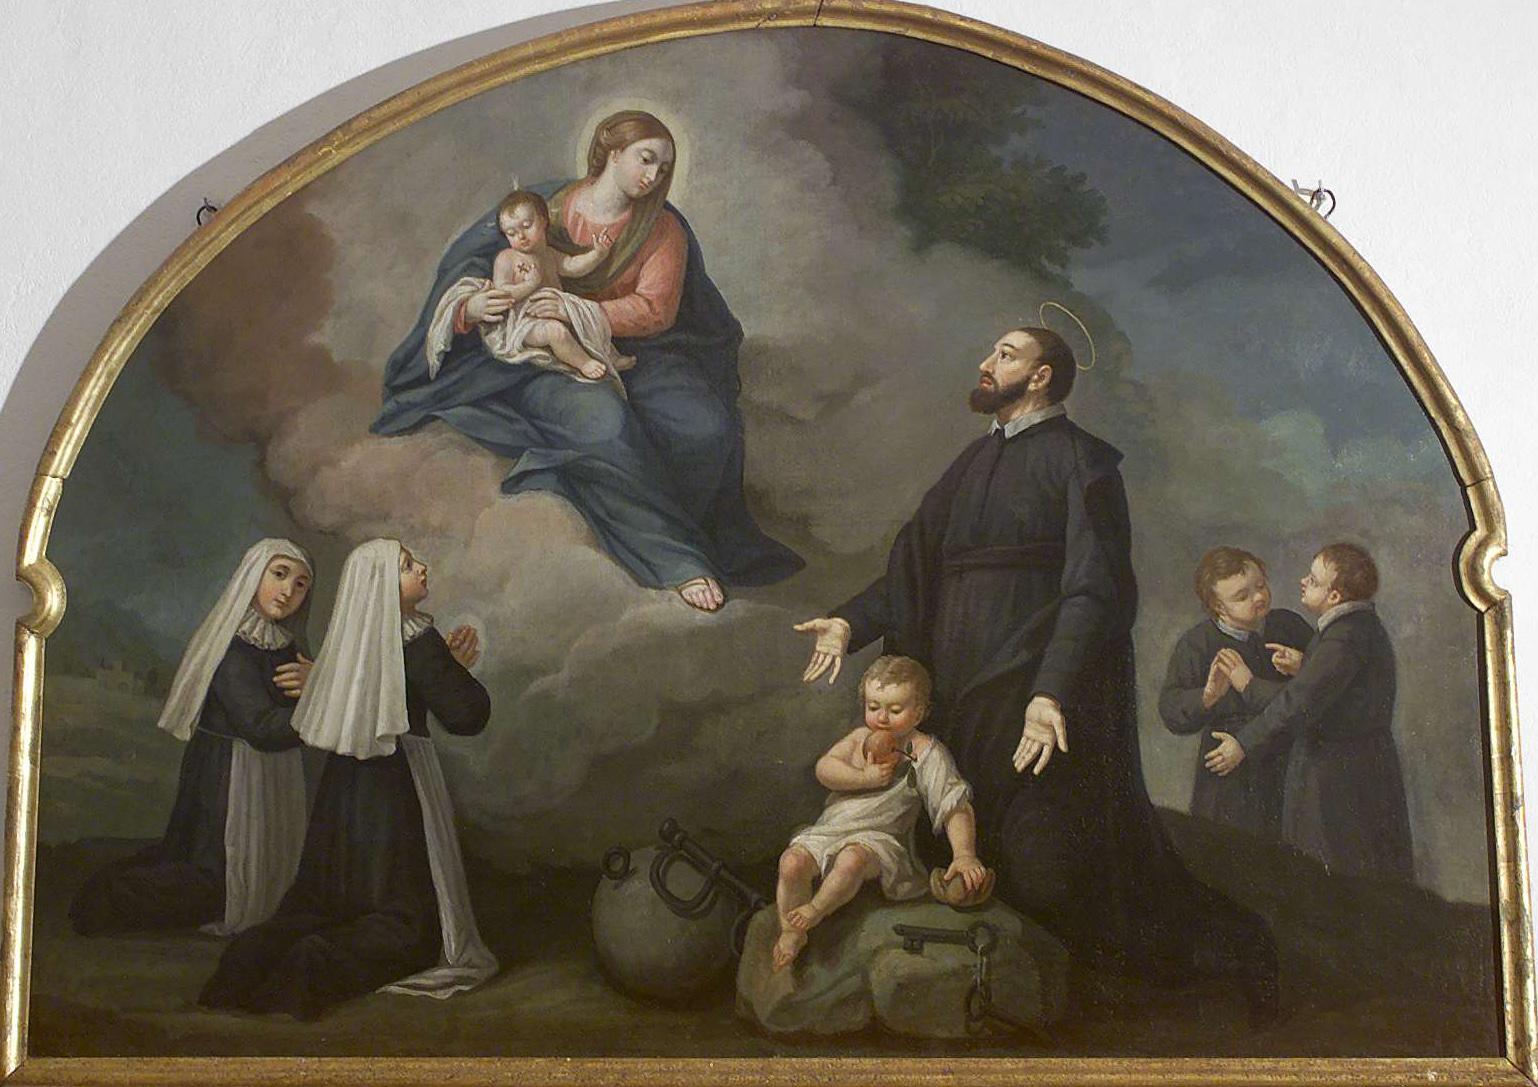 La Madre de los Huérfanos se Apareció para Liberar a San Jerónimo Emiliani (27 sep y 8 feb)